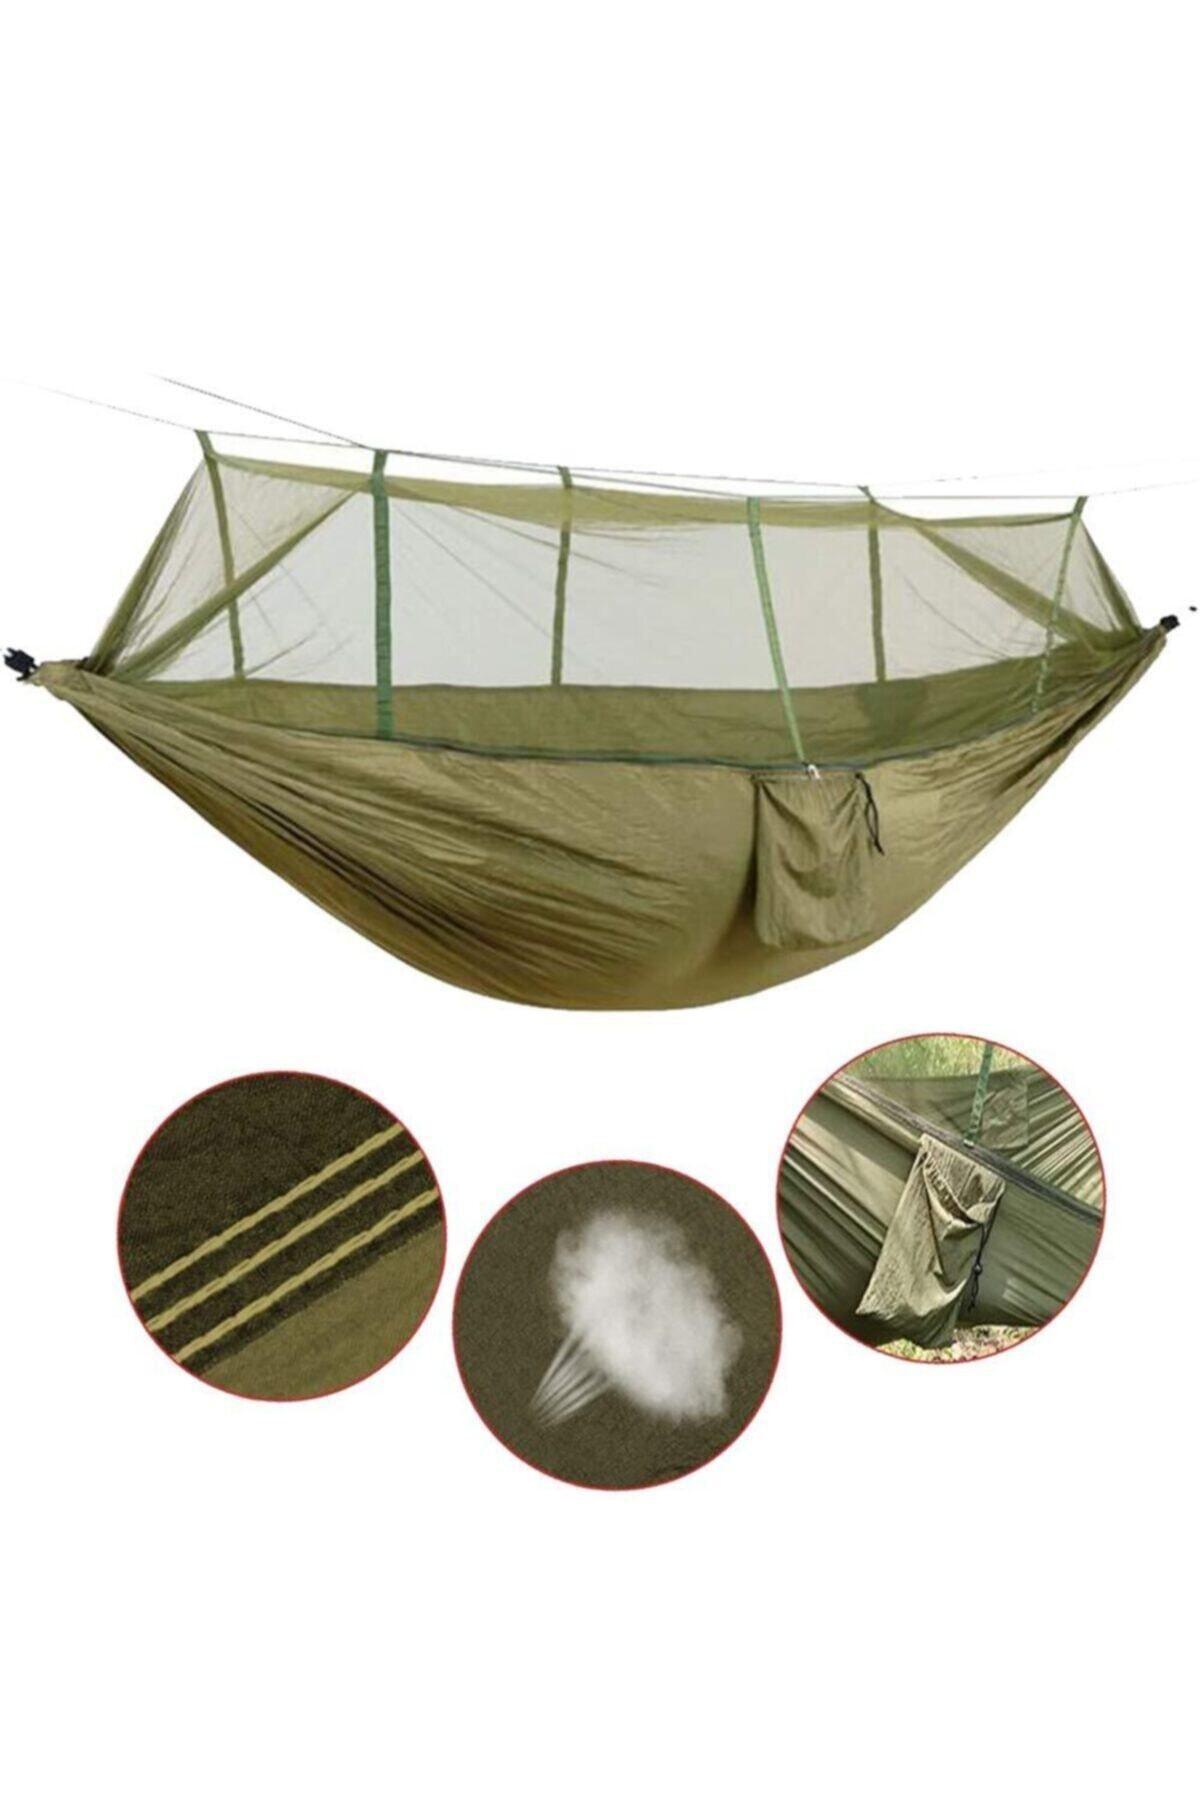 Meoa Taşınabilir Kamp Çift Açık Hafif Naylon Hamak 2